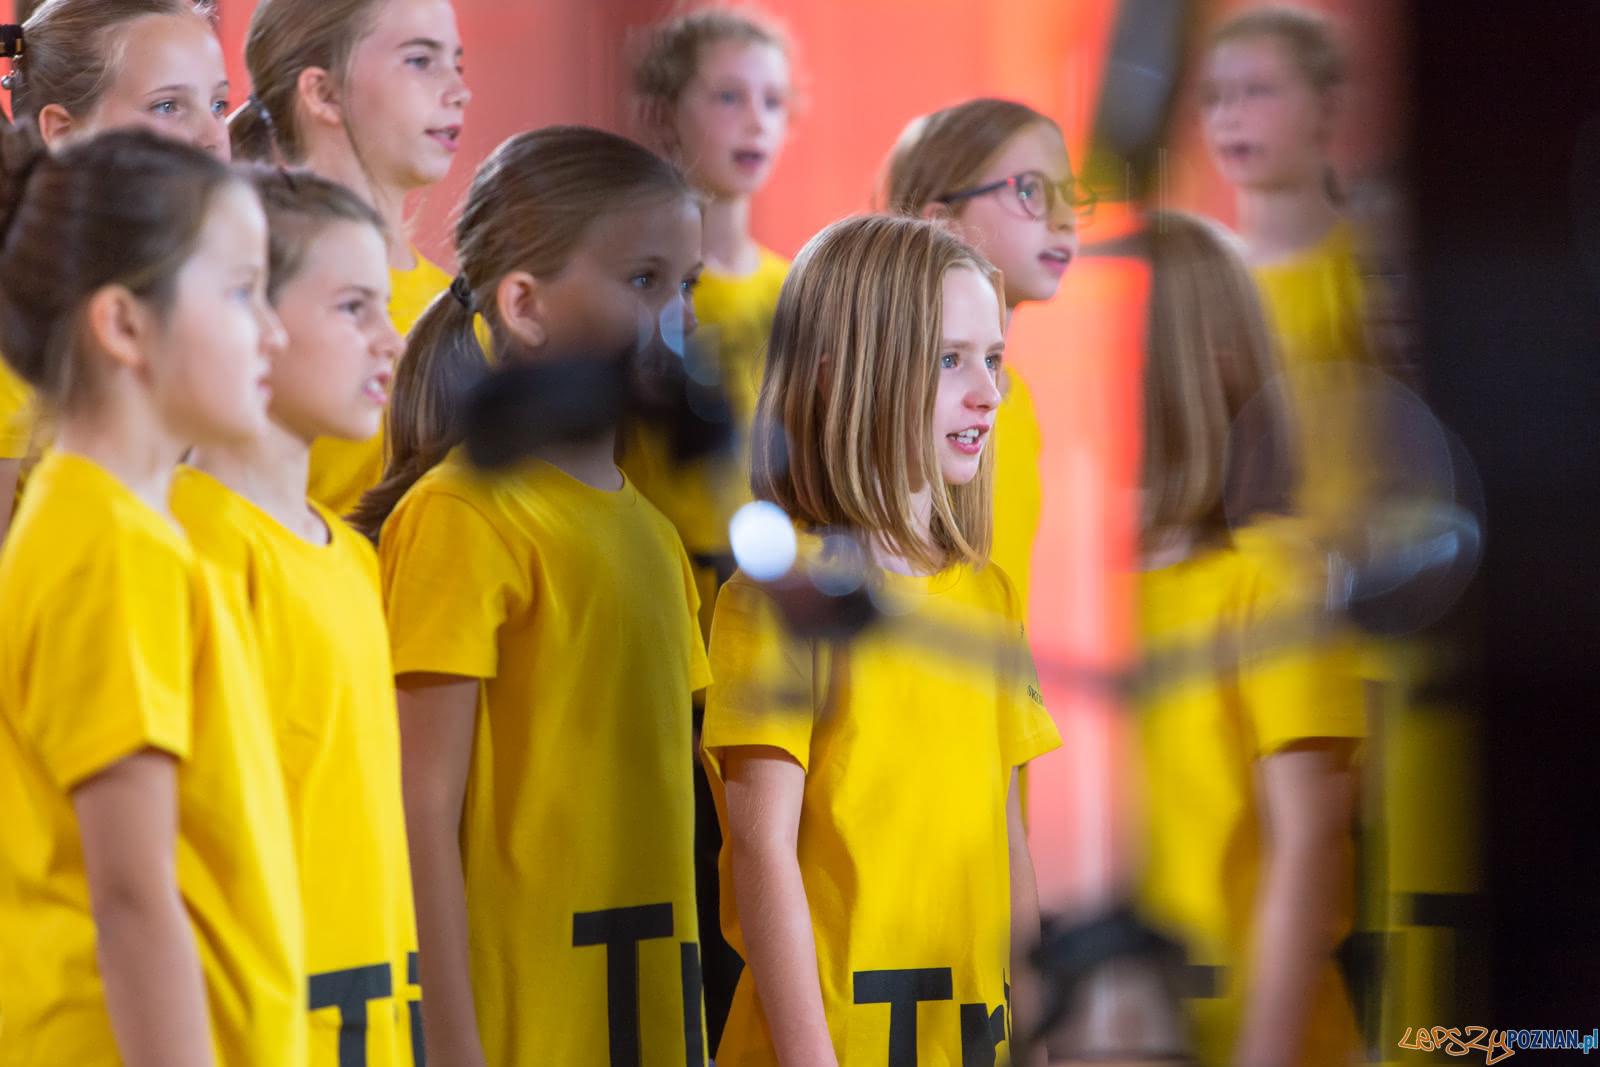 Trillme Festival -  Międzynarodowy Festiwal Chórów Dziewczęc  Foto: lepszyPOZNAN.pl/Piotr Rychter